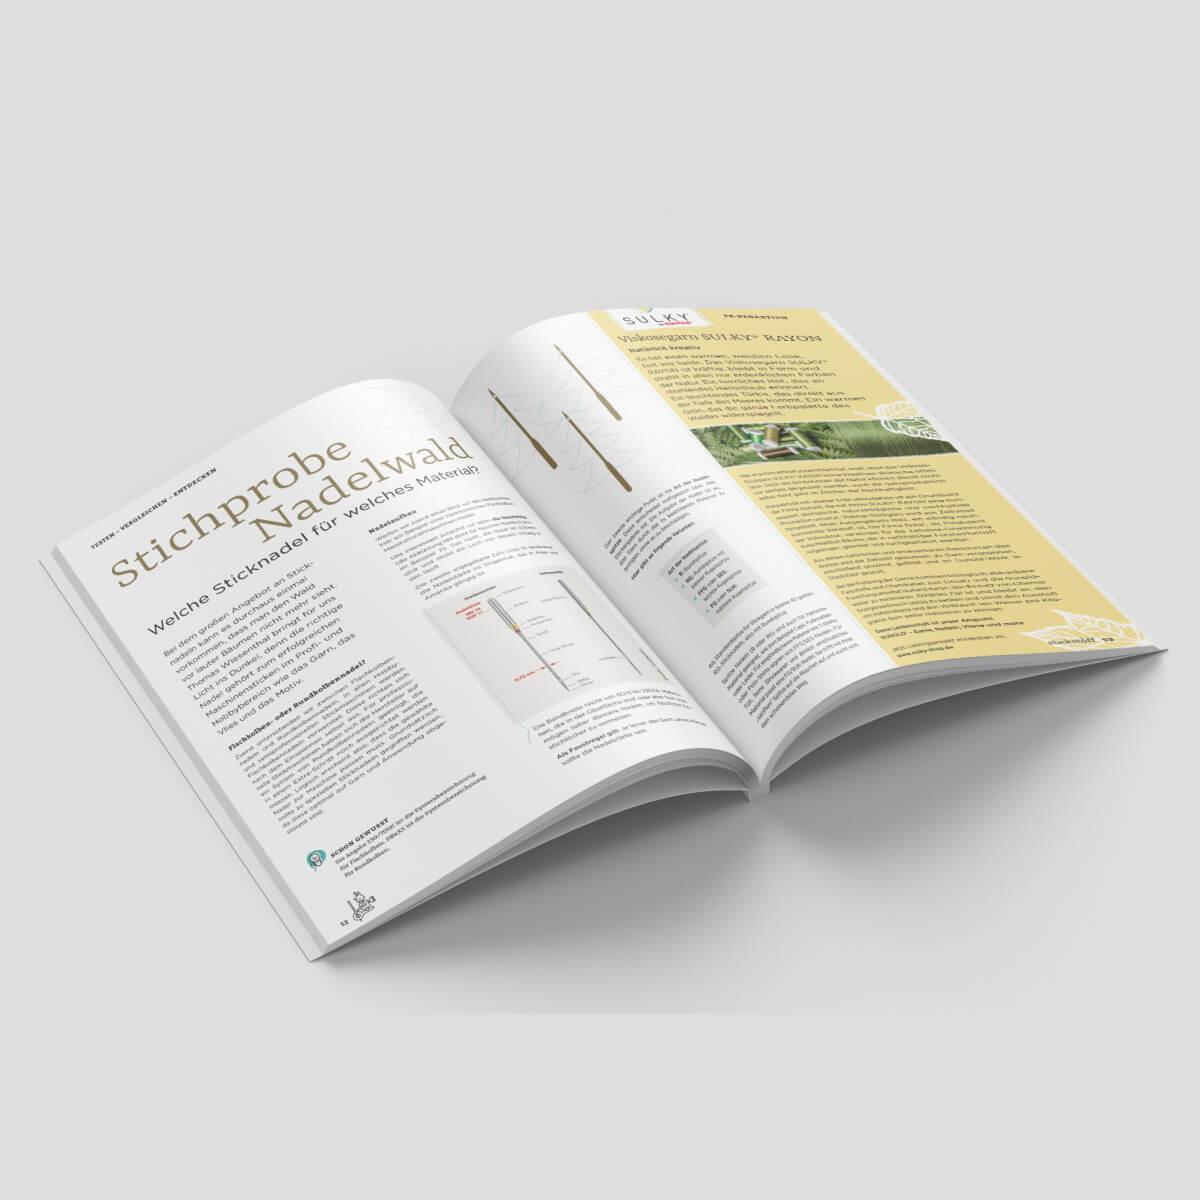 stickstoff-Magazin – Maschinensticken mit Leidenschaft  - Ausgabe  Feb. 2021